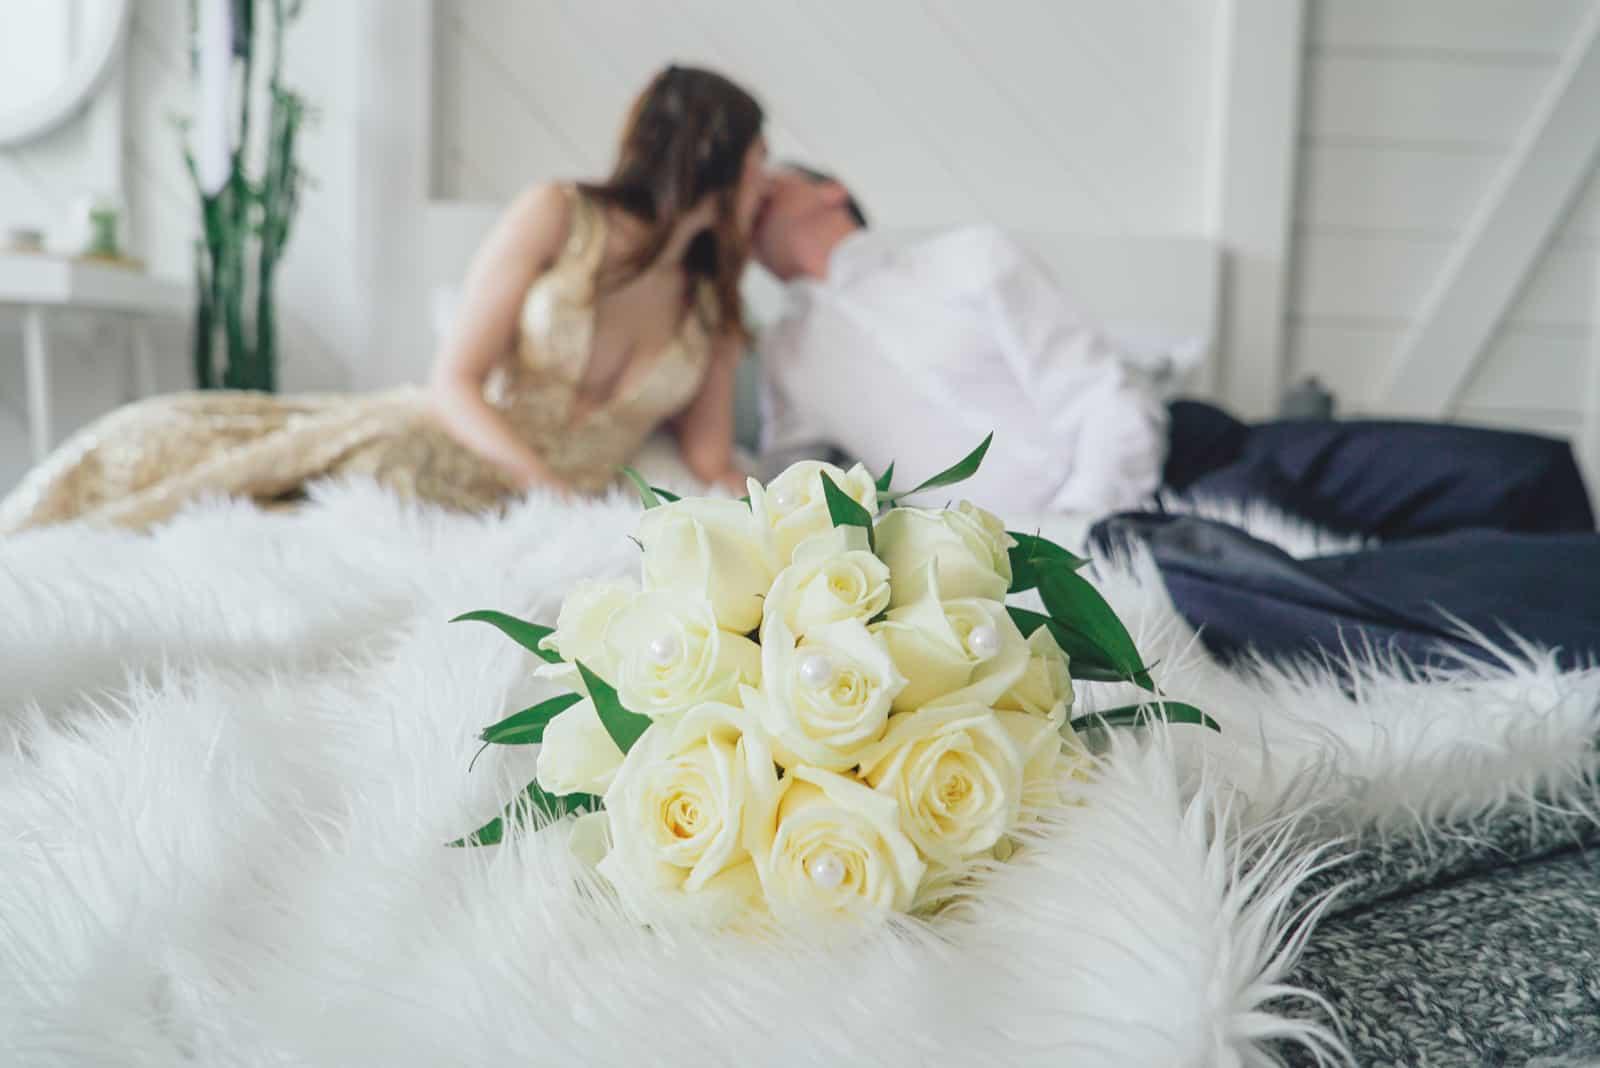 Das Brautpaar küsst sich auf dem Doppelbett